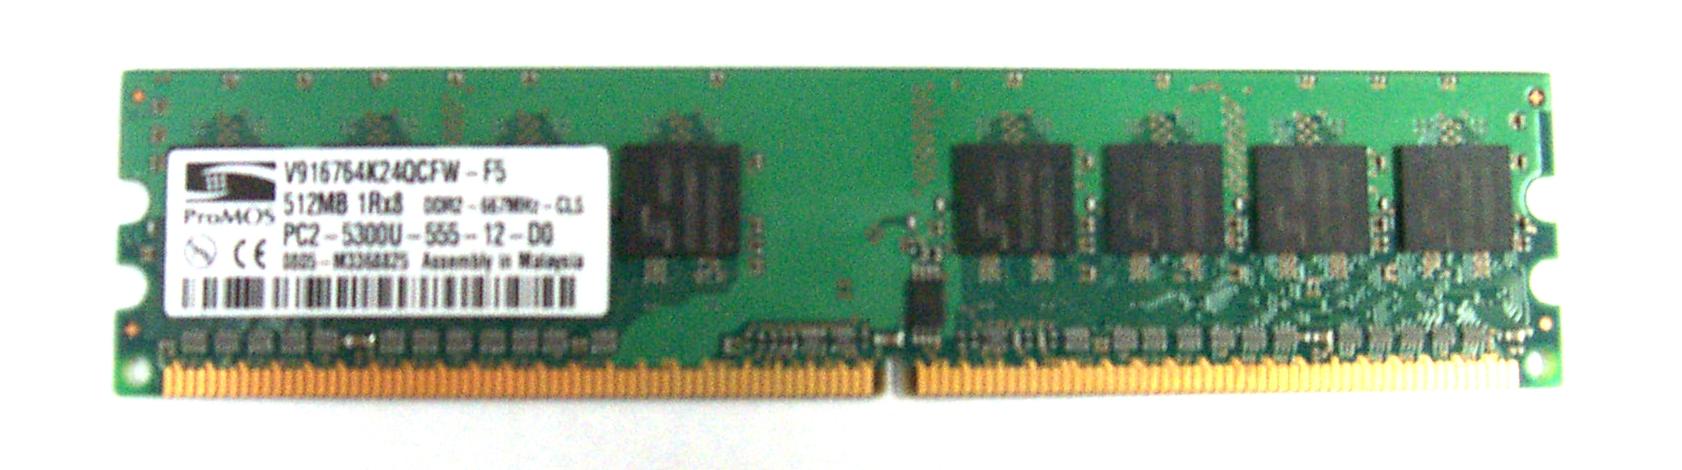 ProMOS V916764K24QCFW-F5 512 MB DDR2 Desktop Memory